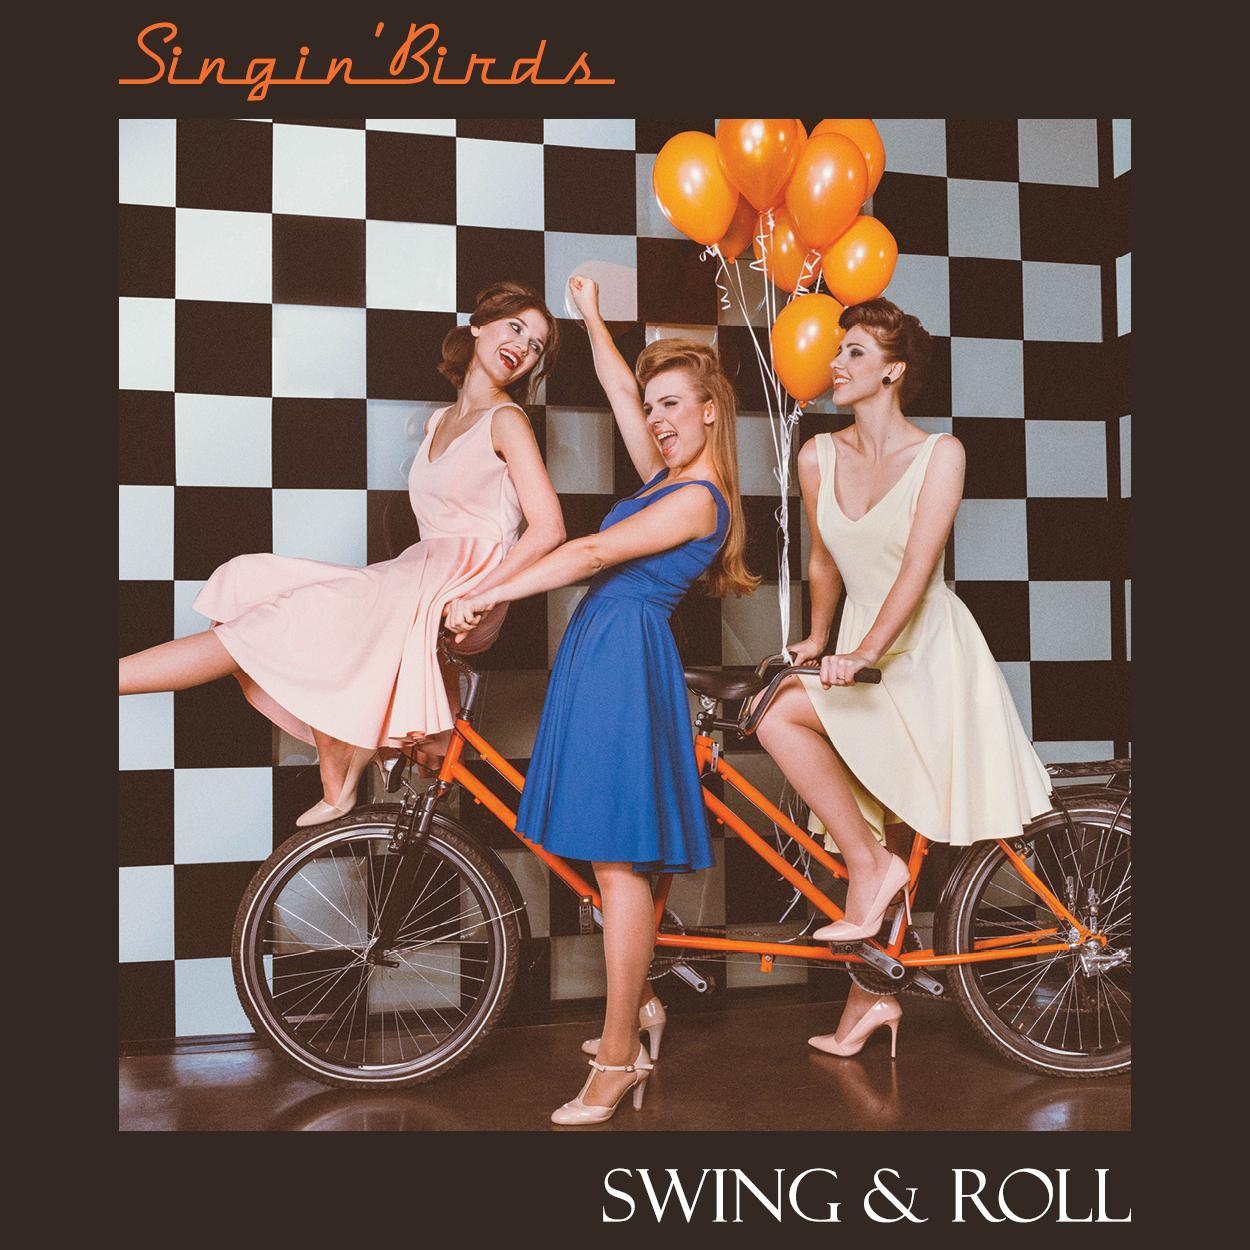 Singin' Birds - Swing & Roll, CD, digipack